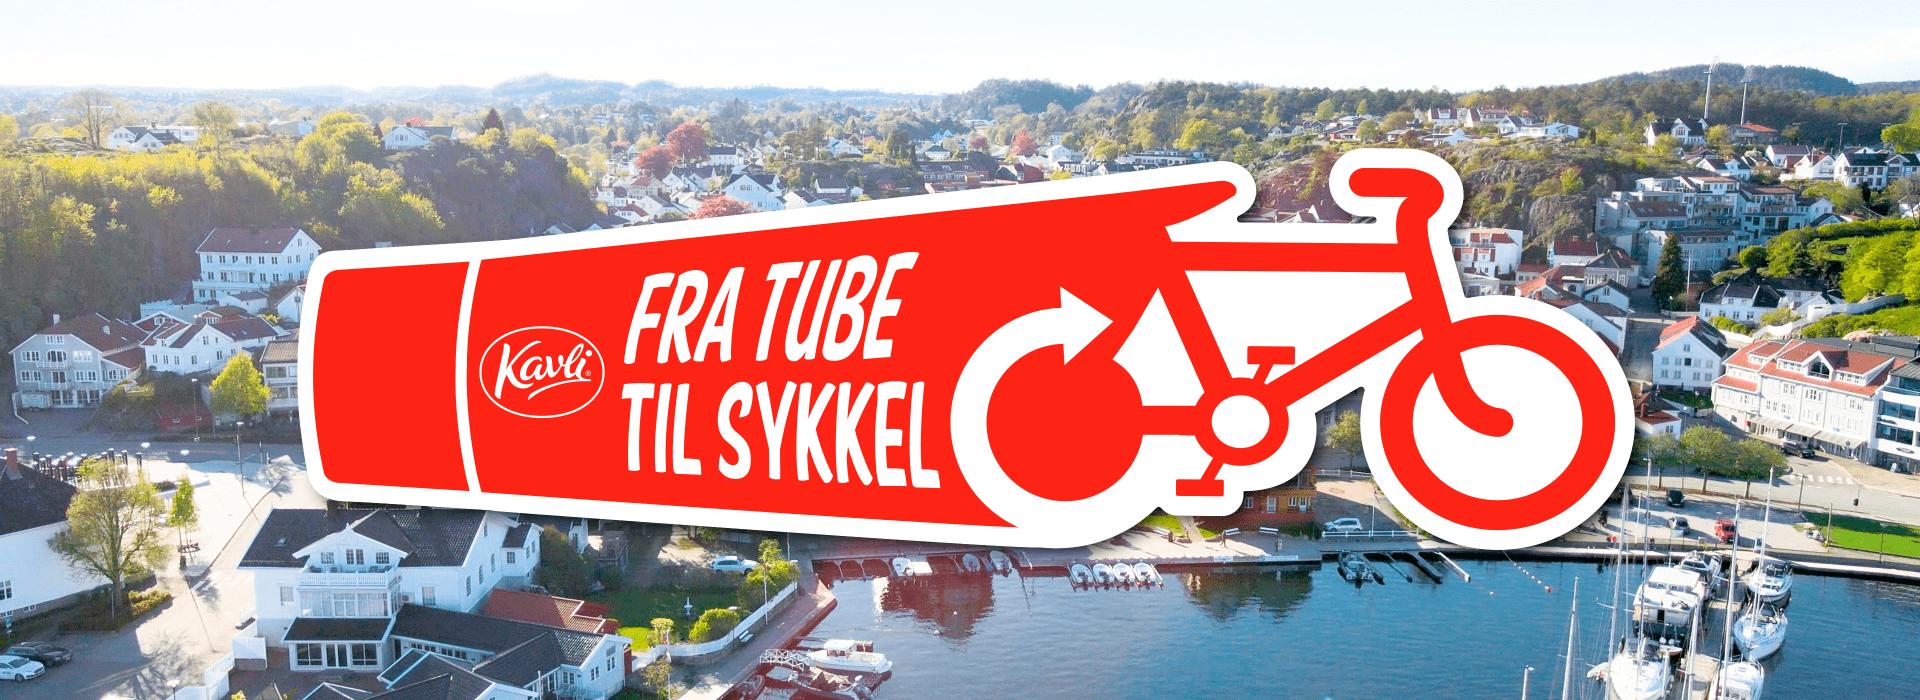 Fra tube til sykkel: 1000 resirkulerte Kavli-tuber = en ny sykkel!